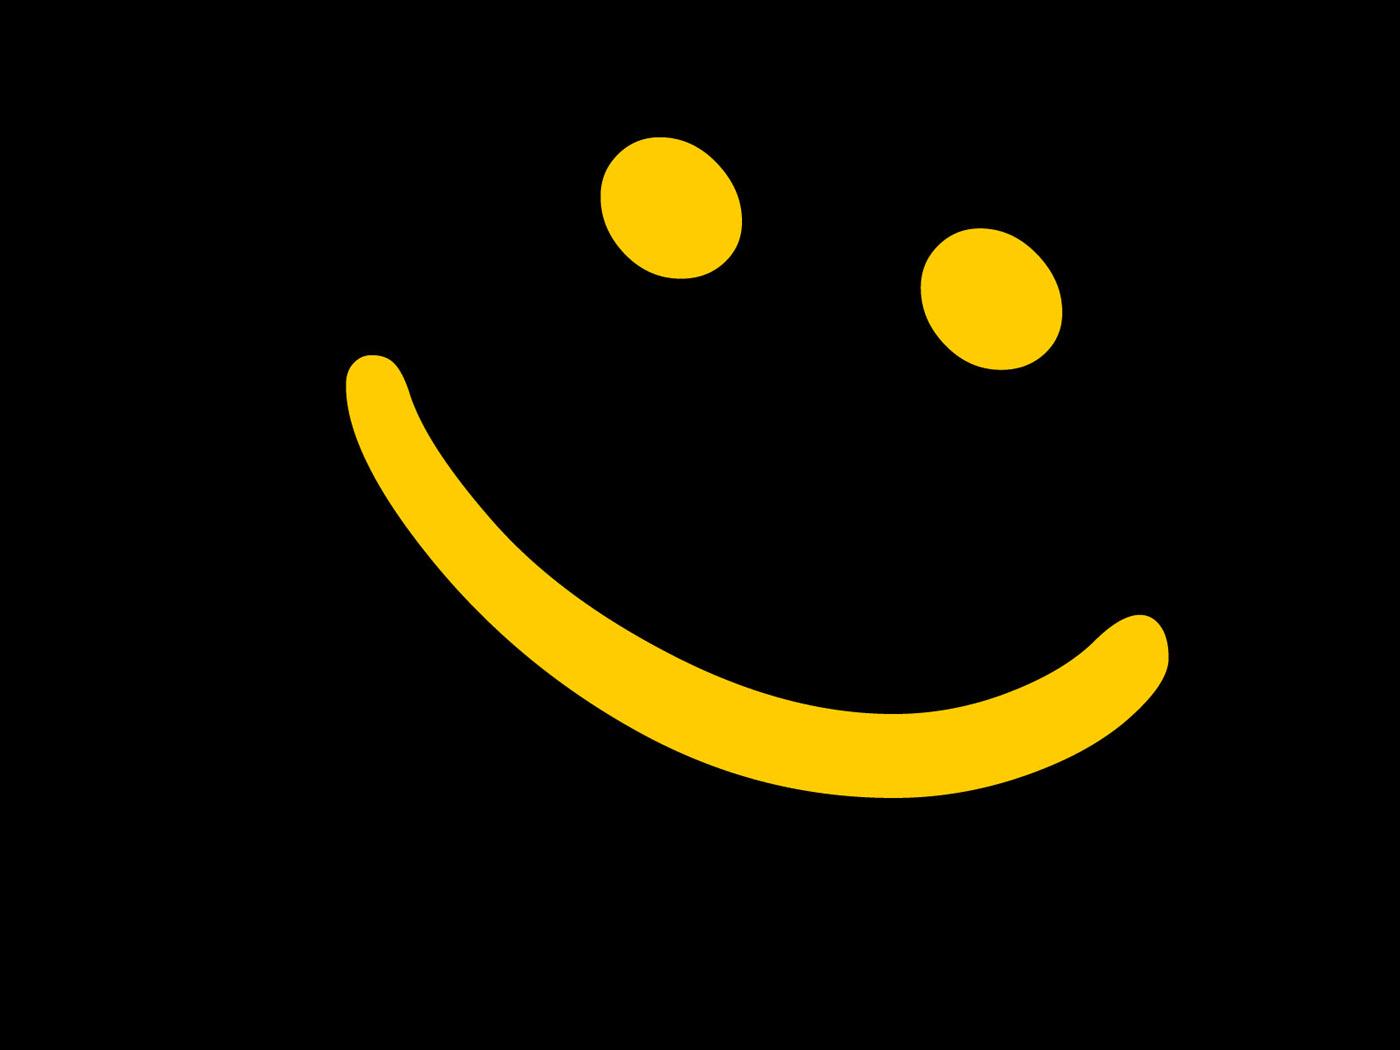 Smiley 1920x1080px 888743 1400x1050